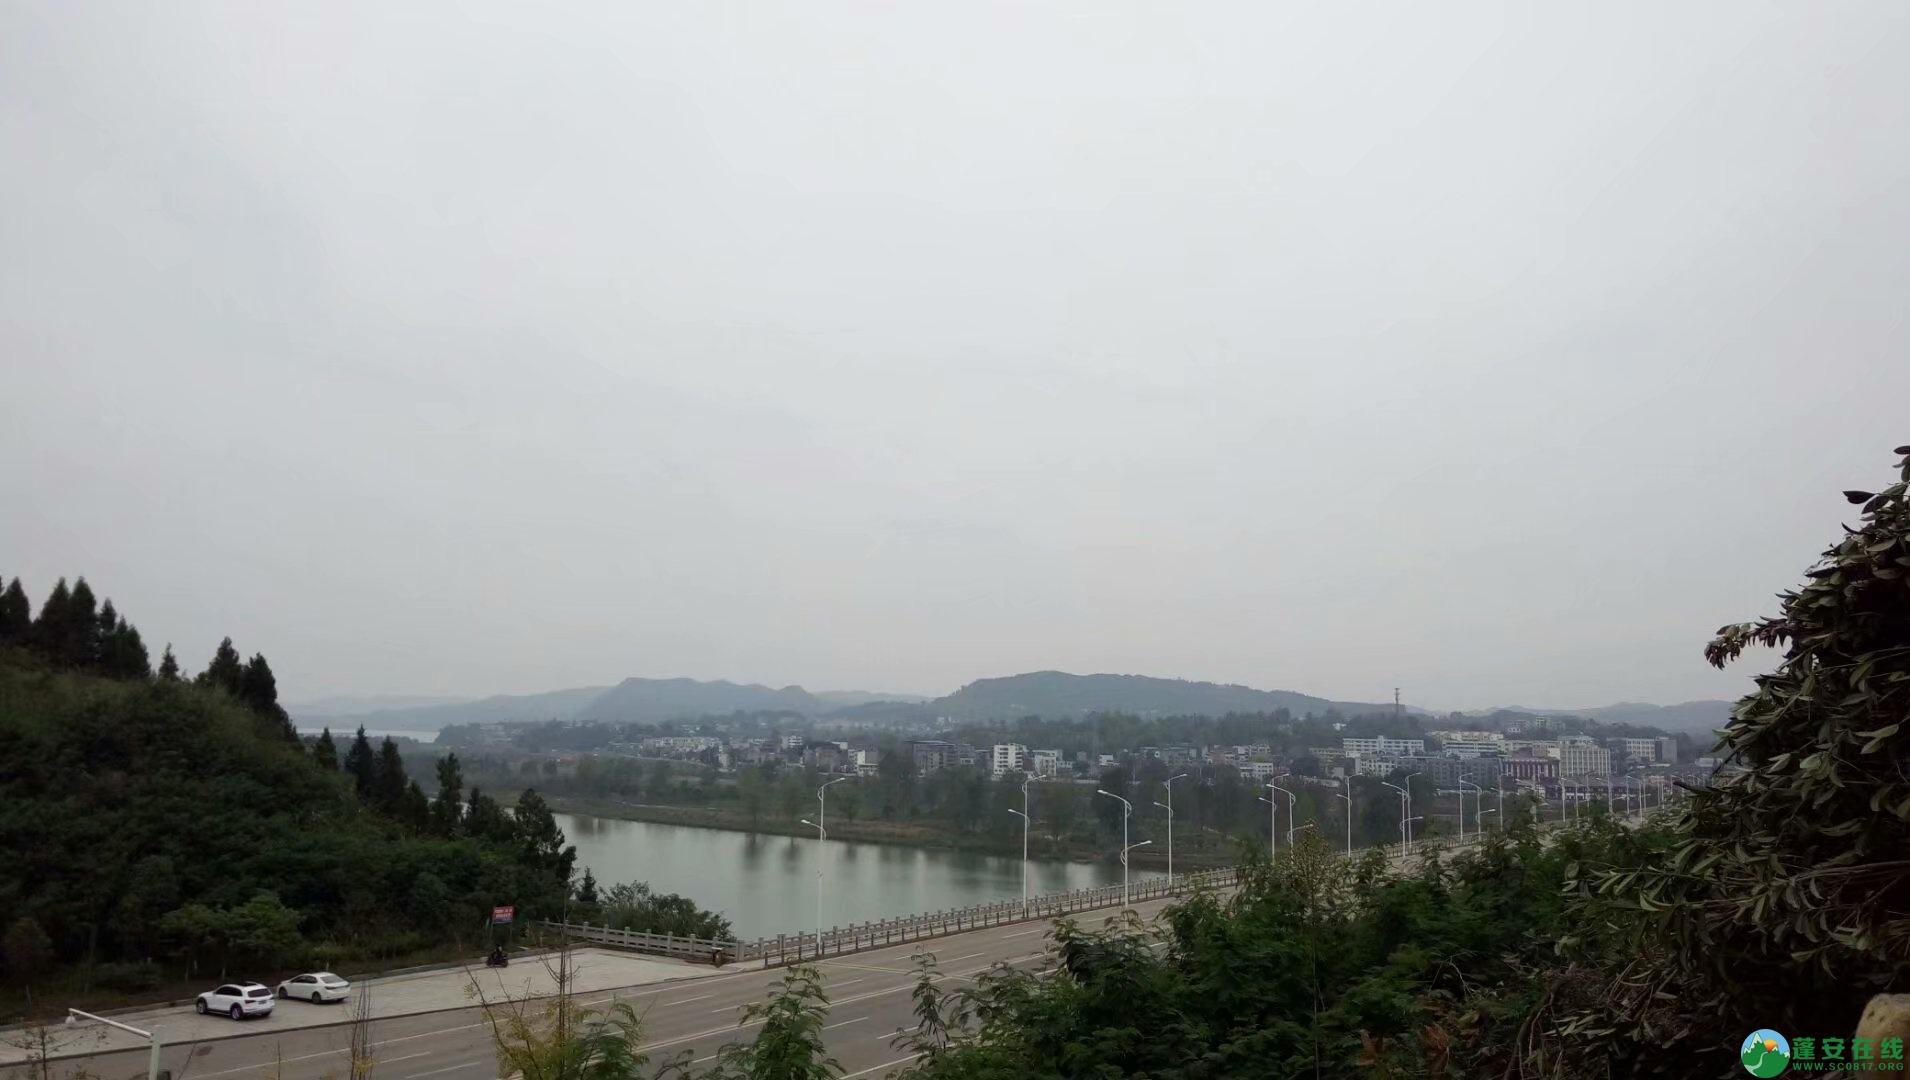 蓬安火锅公园近况(2018-10-12) - 第3张  | 蓬安在线